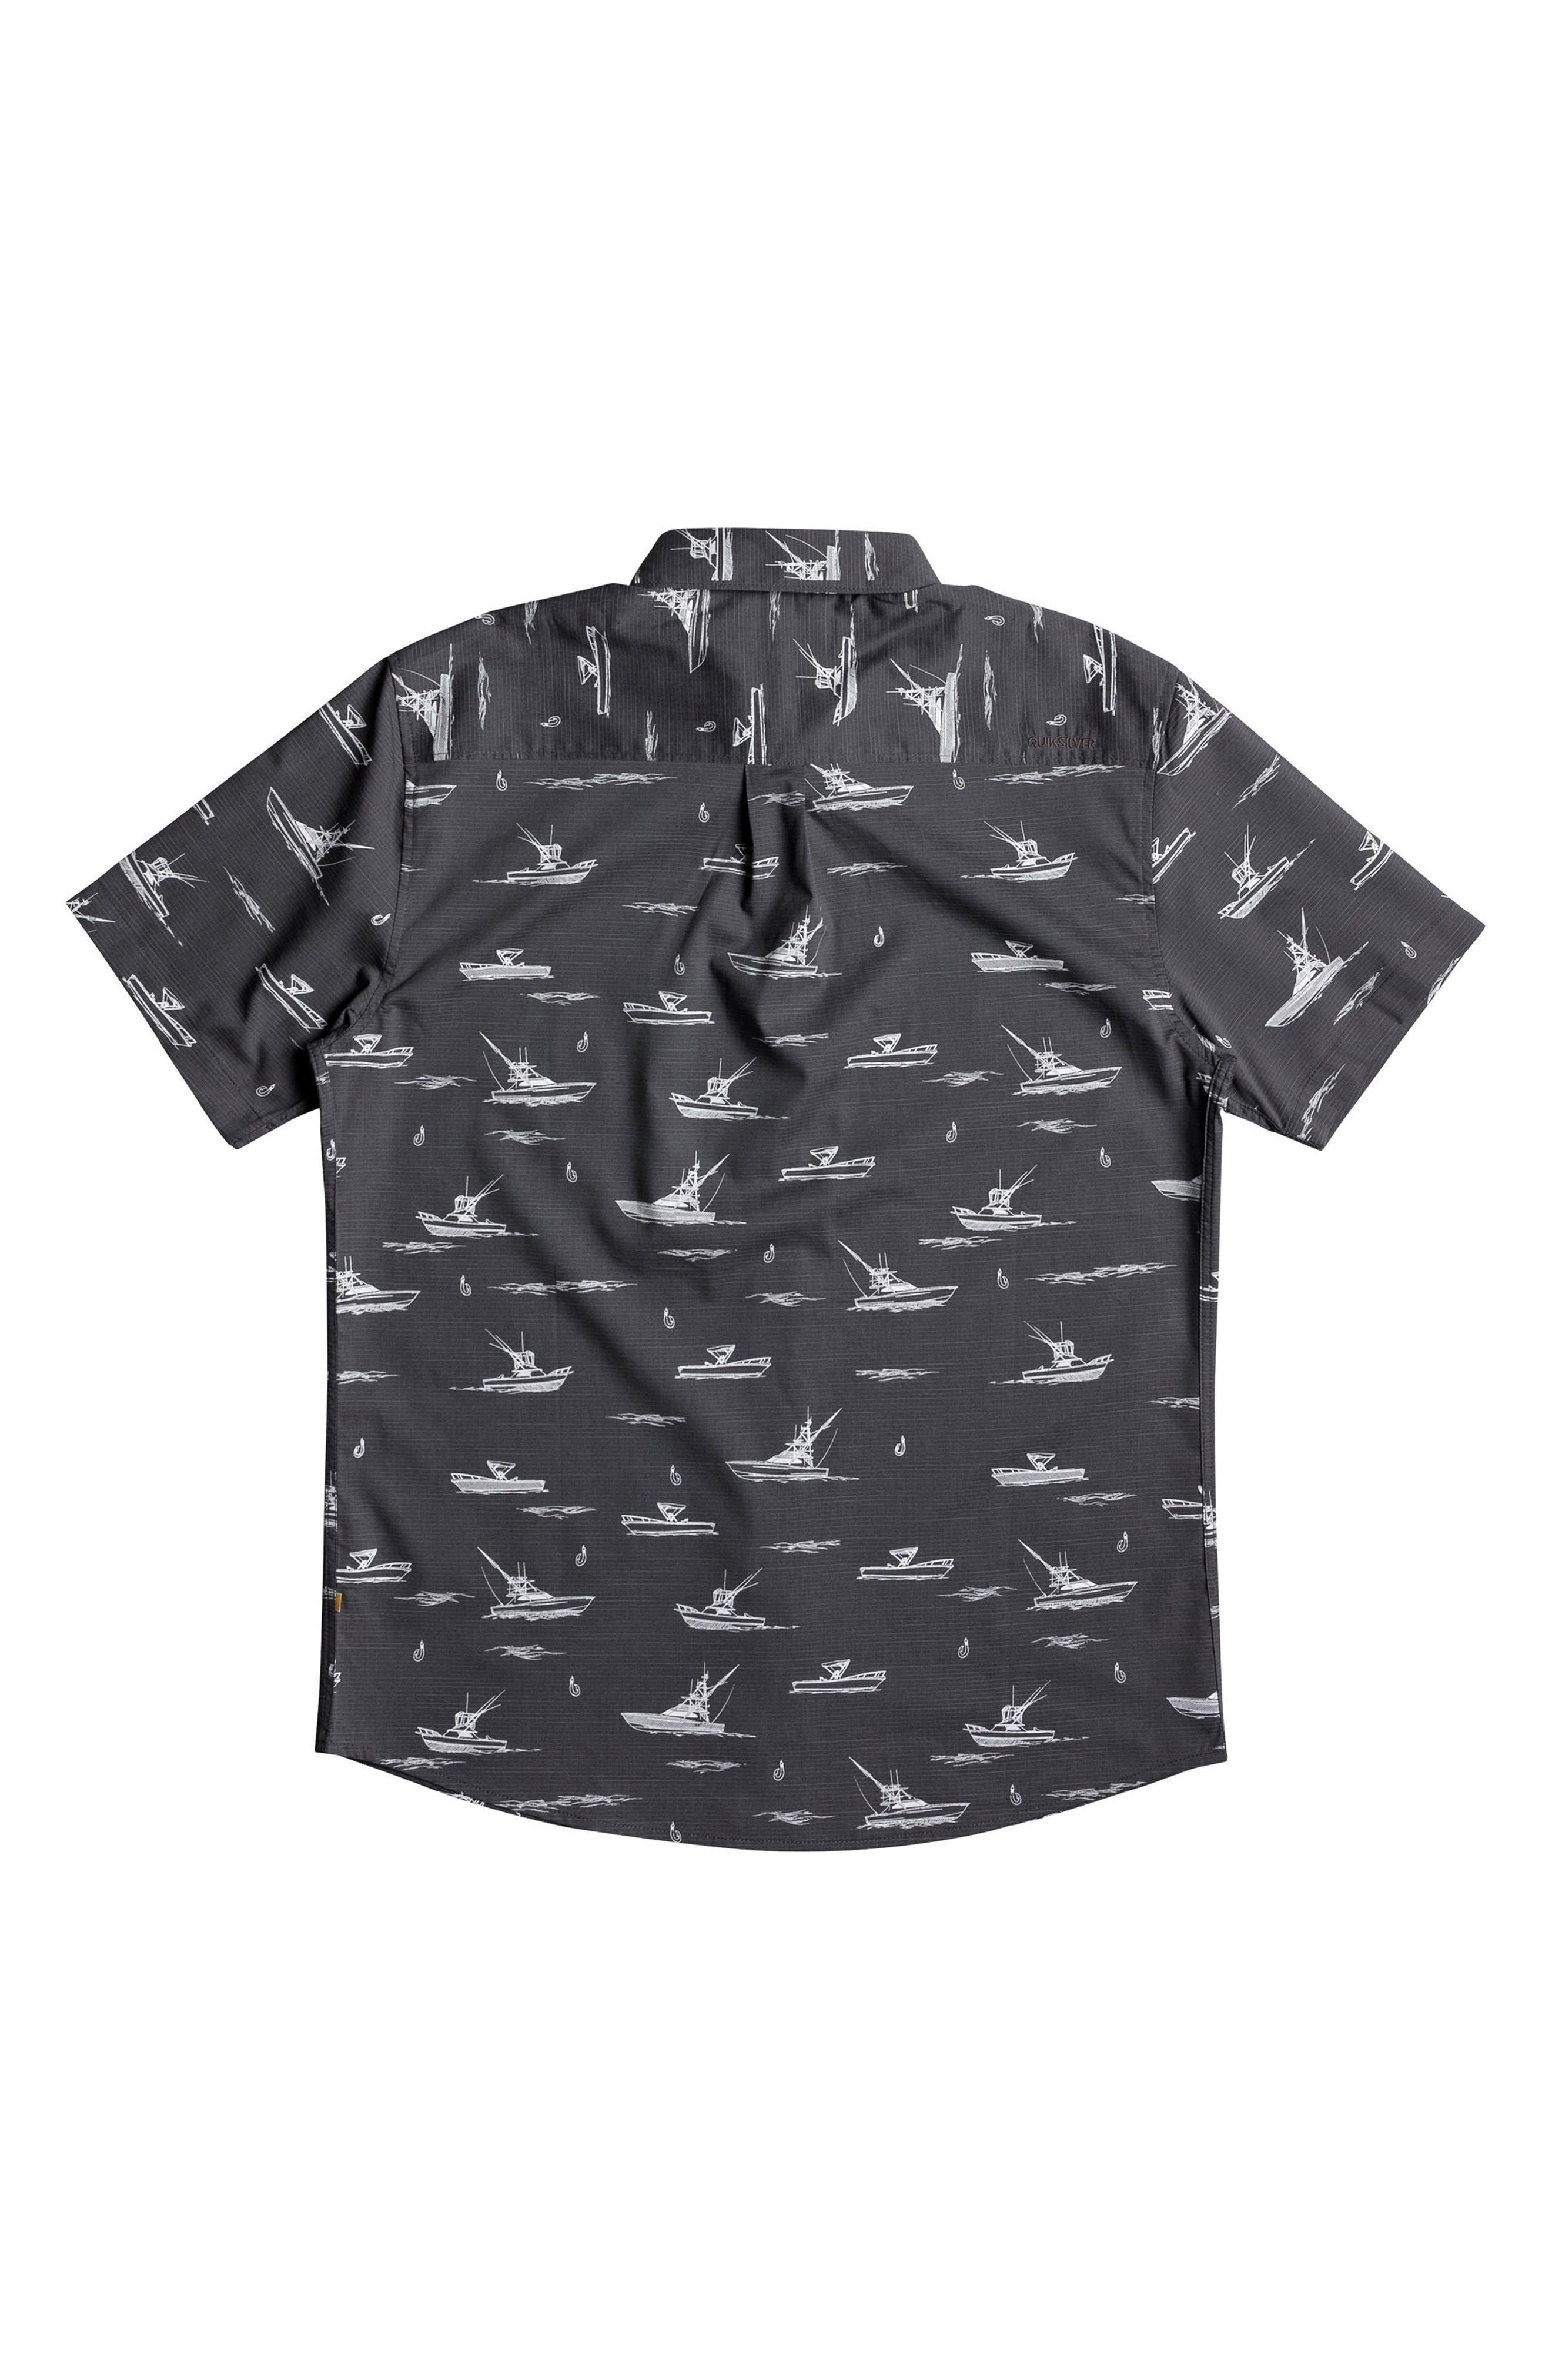 Fishboats Sport Shirt,                             Main thumbnail 1, color,                             008